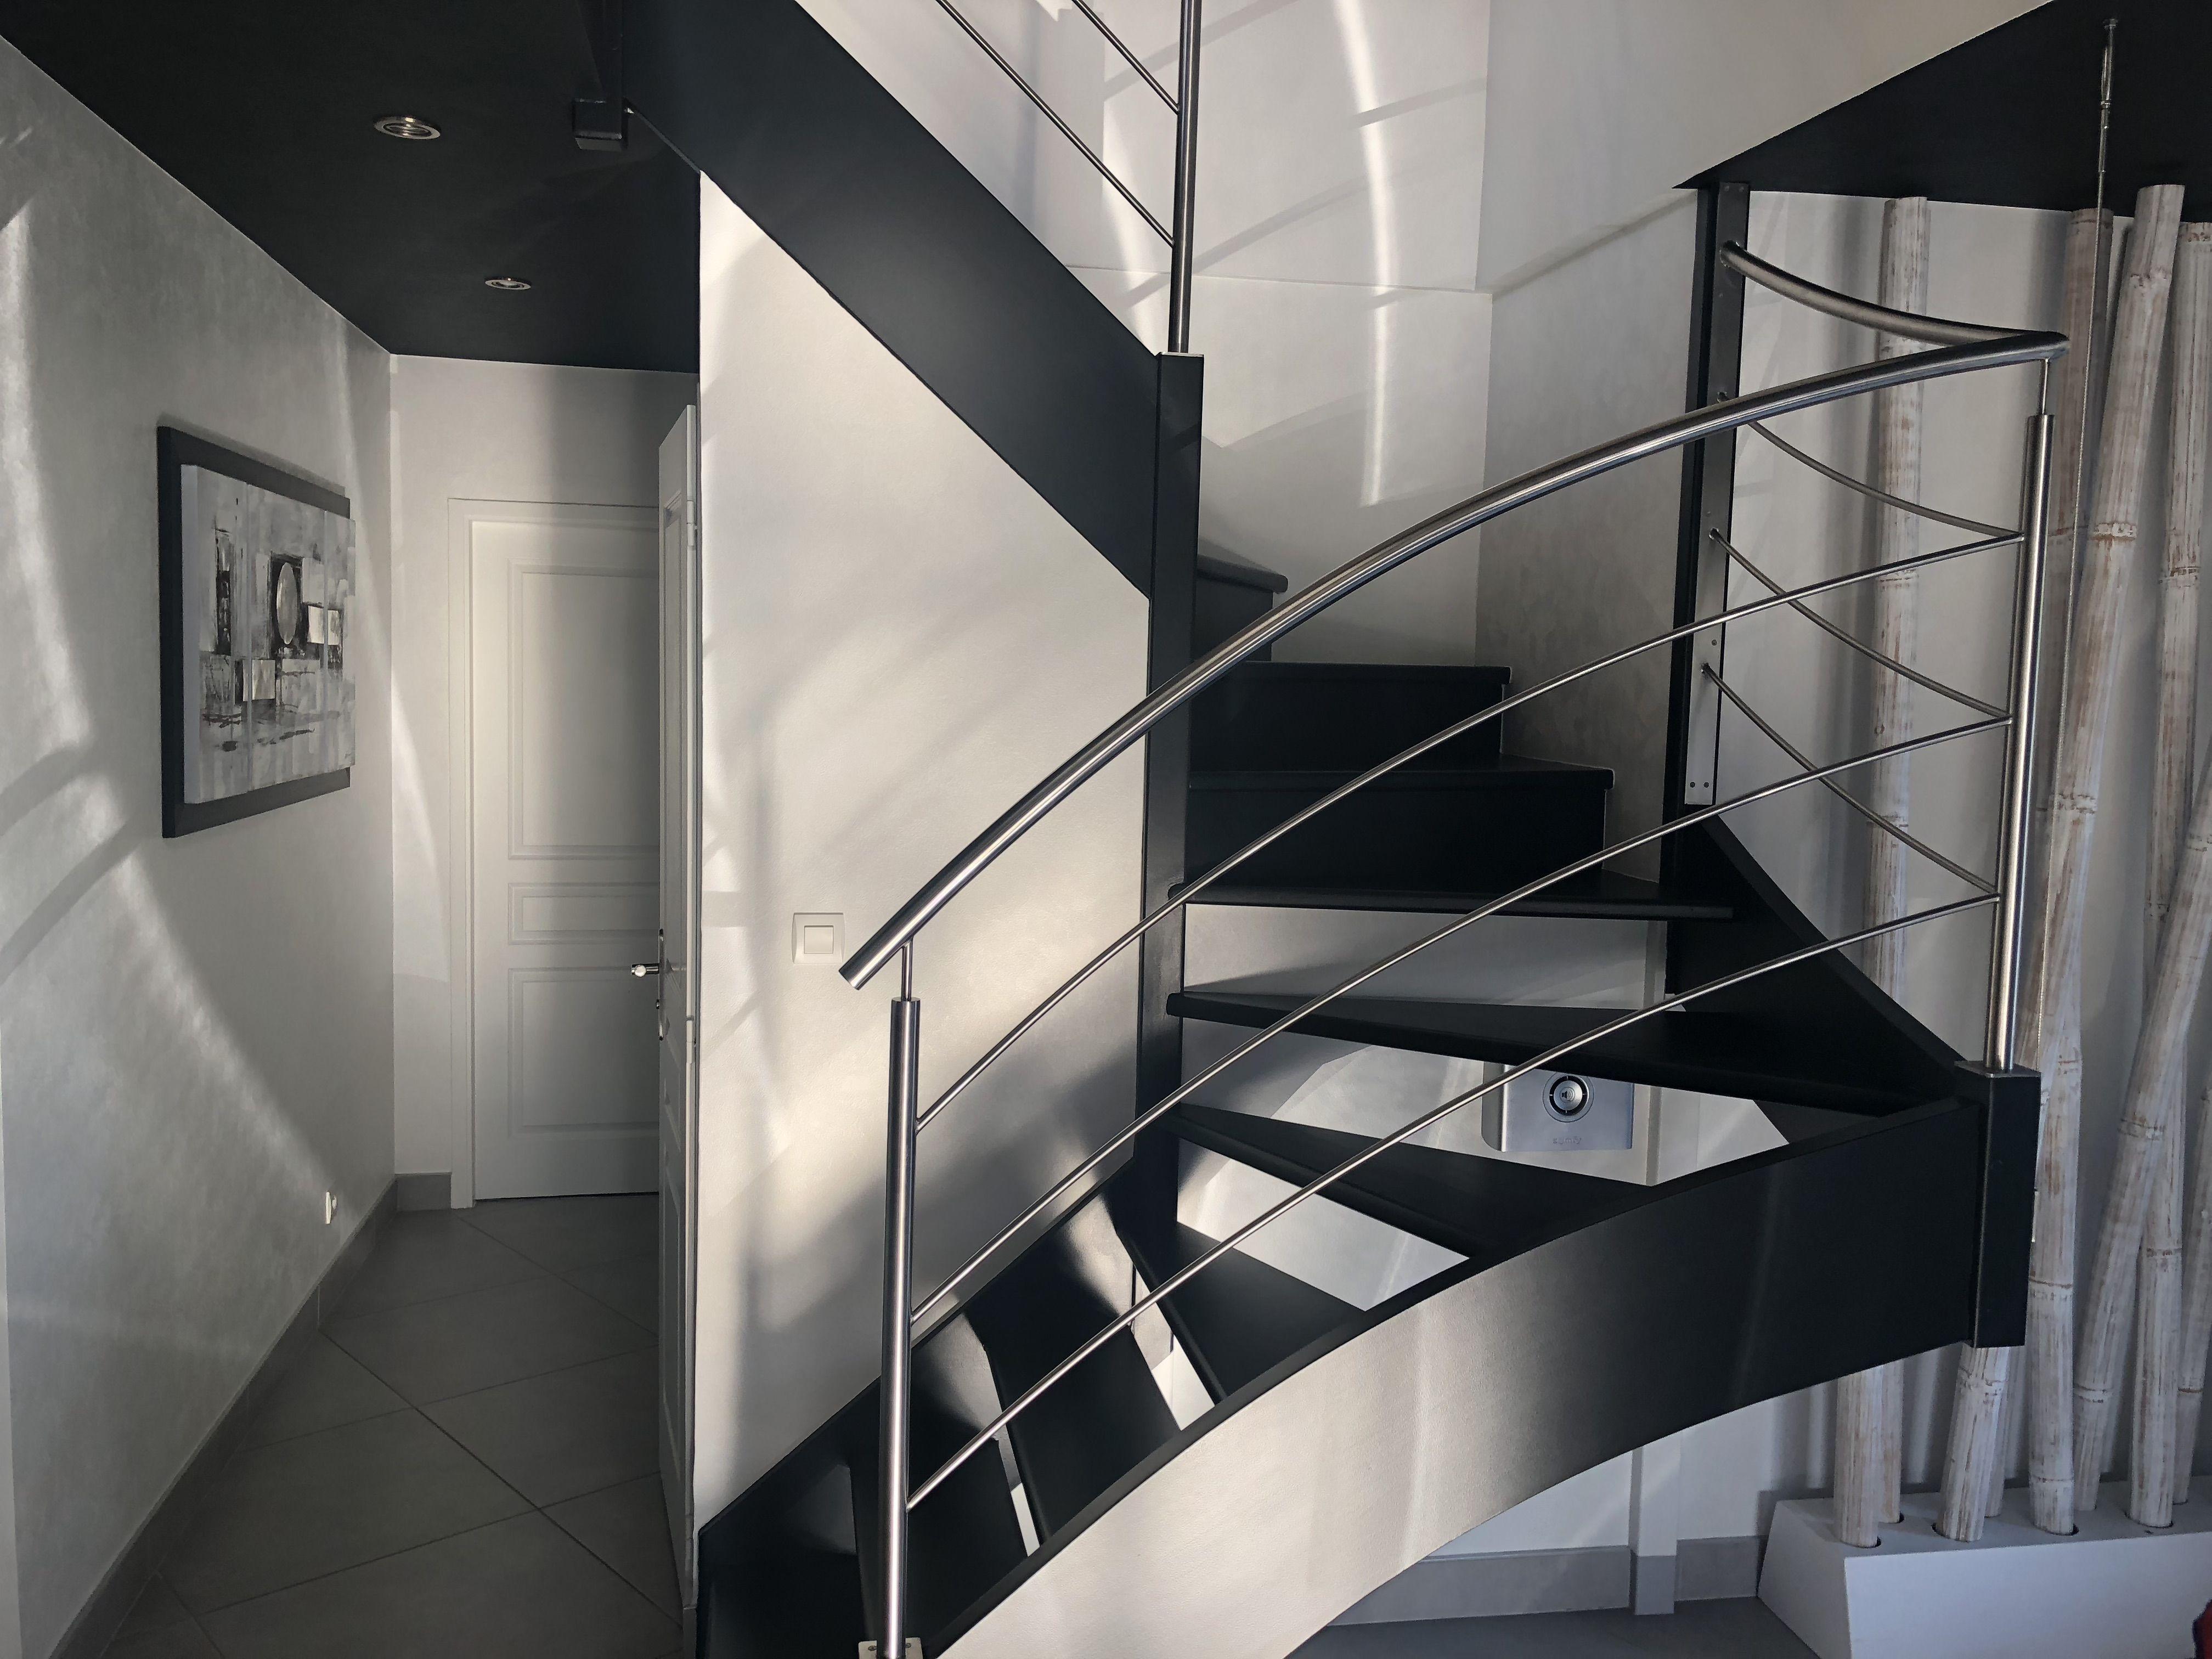 Peinture Escalier Noir Mat relooking d'escalier existant pour un résultat tout en